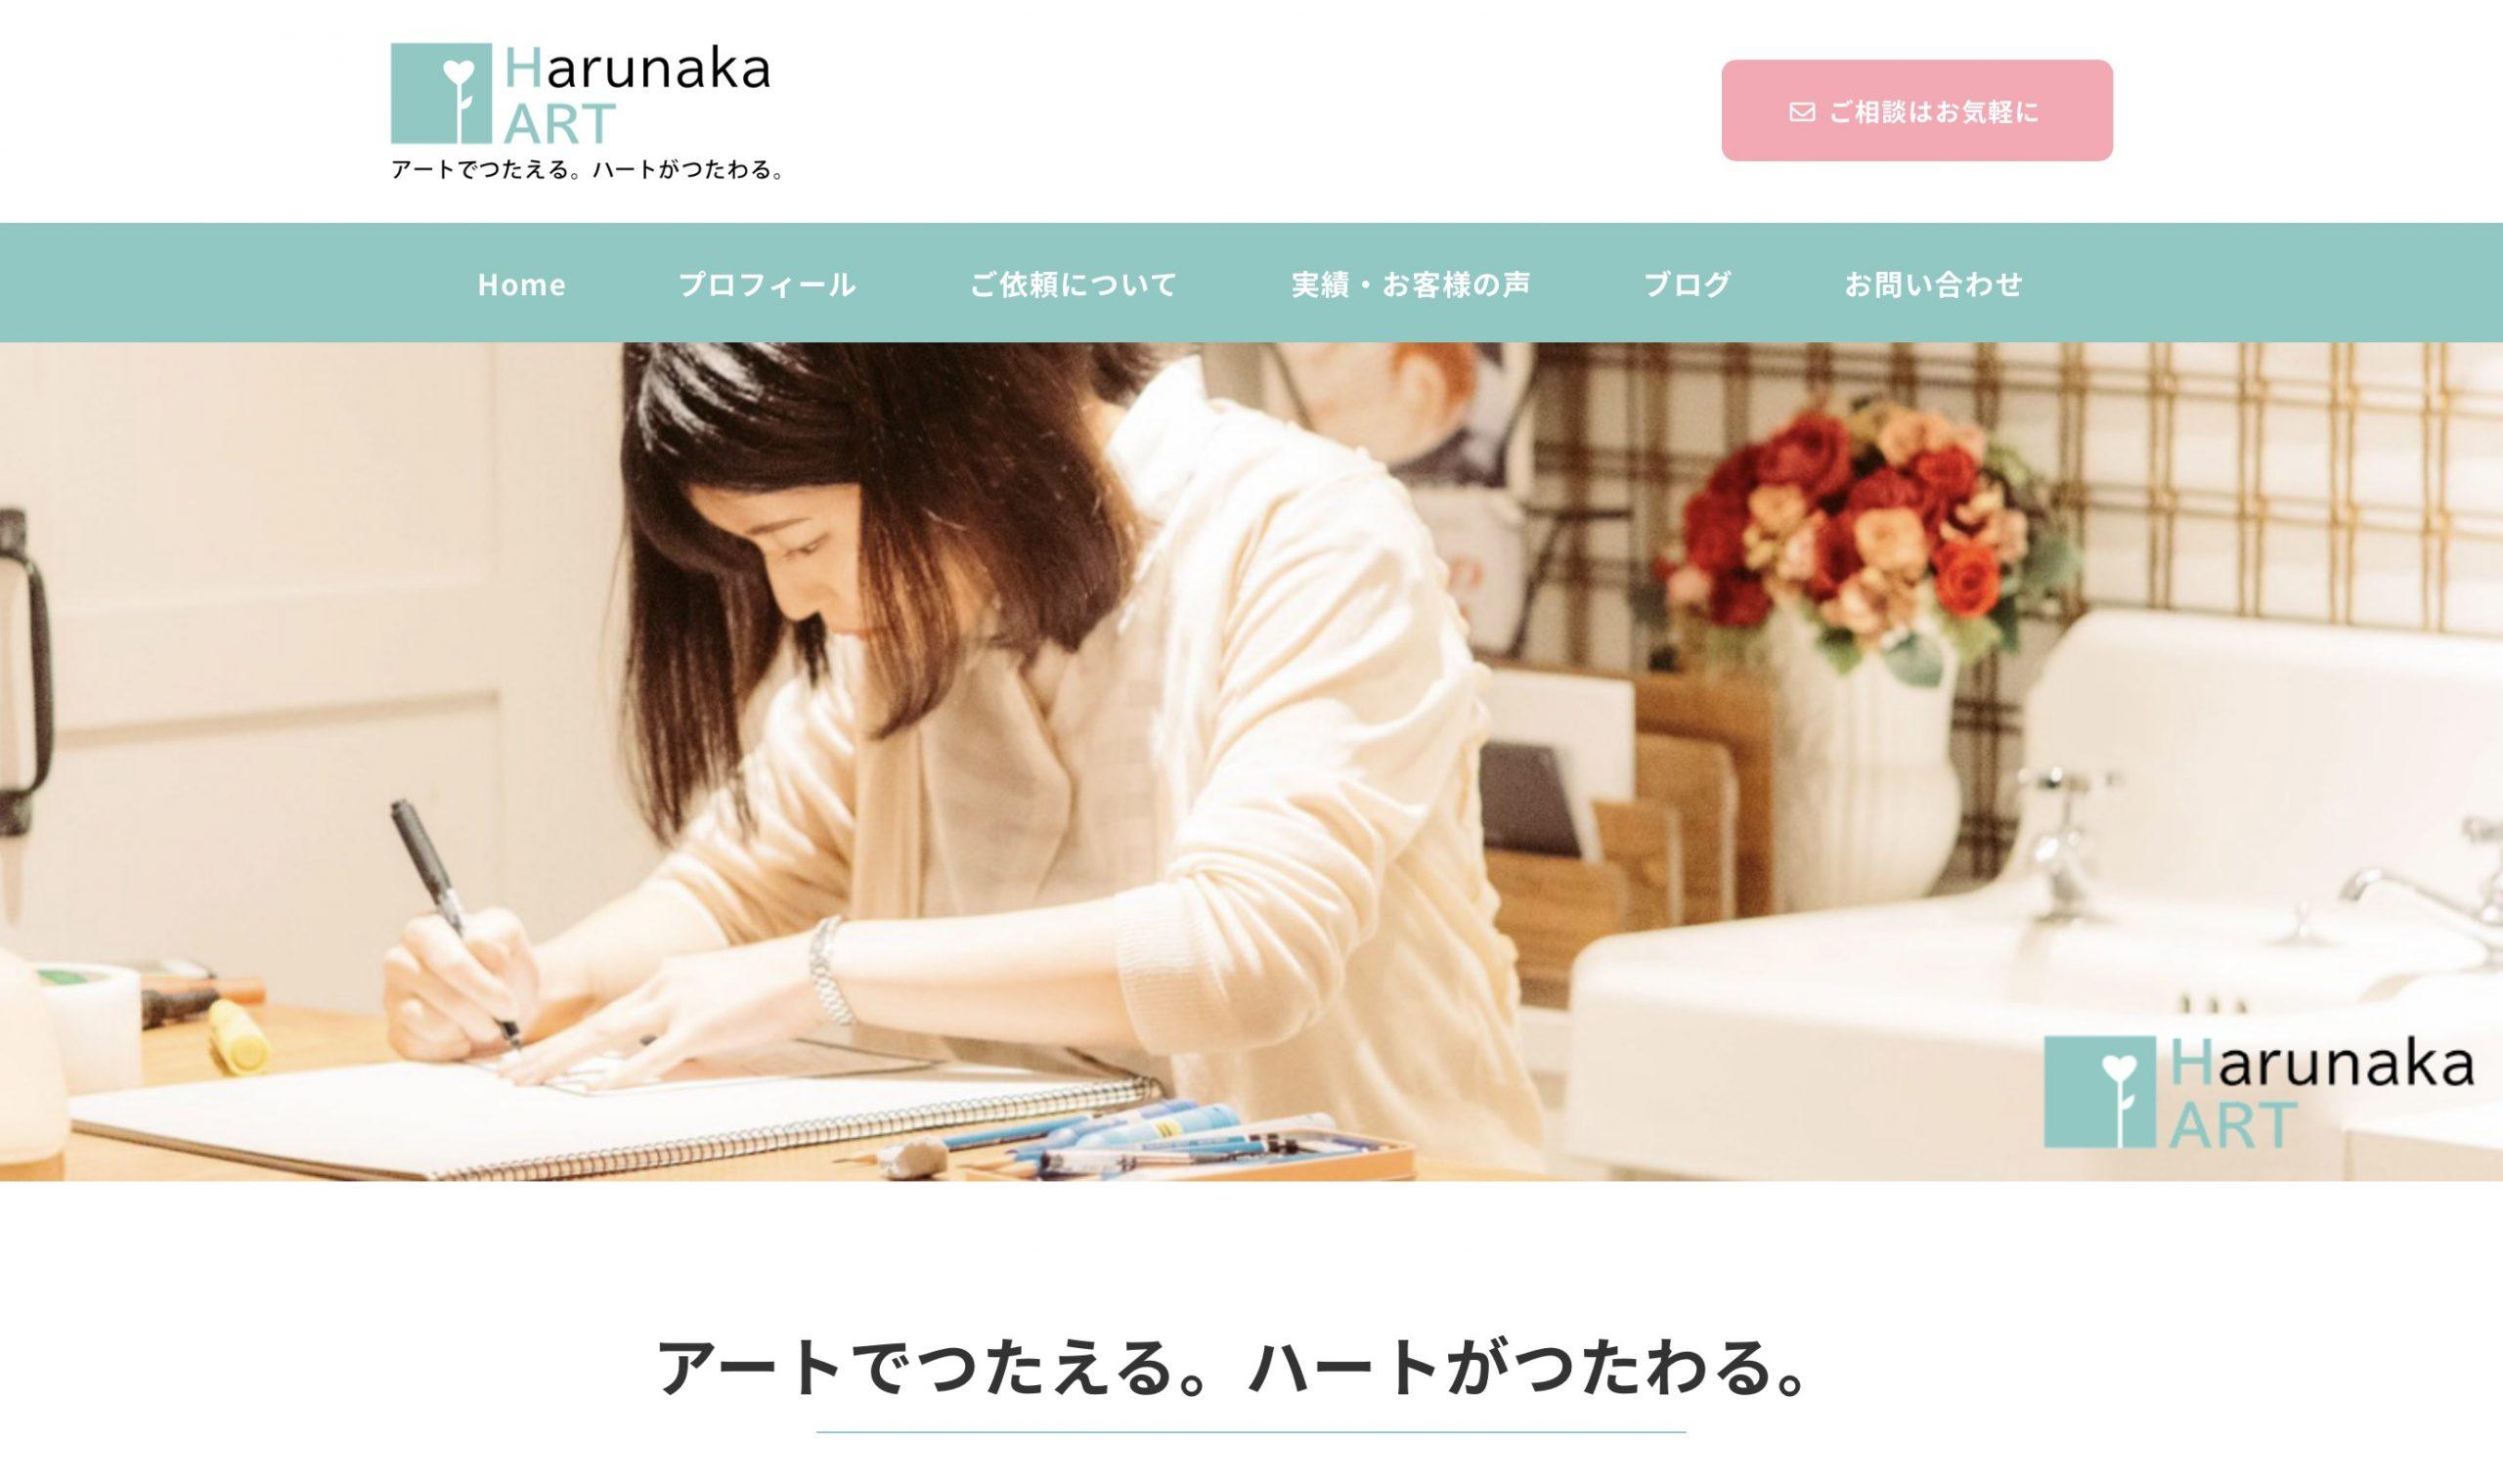 【制作実績】ハルナカアート ホームページ